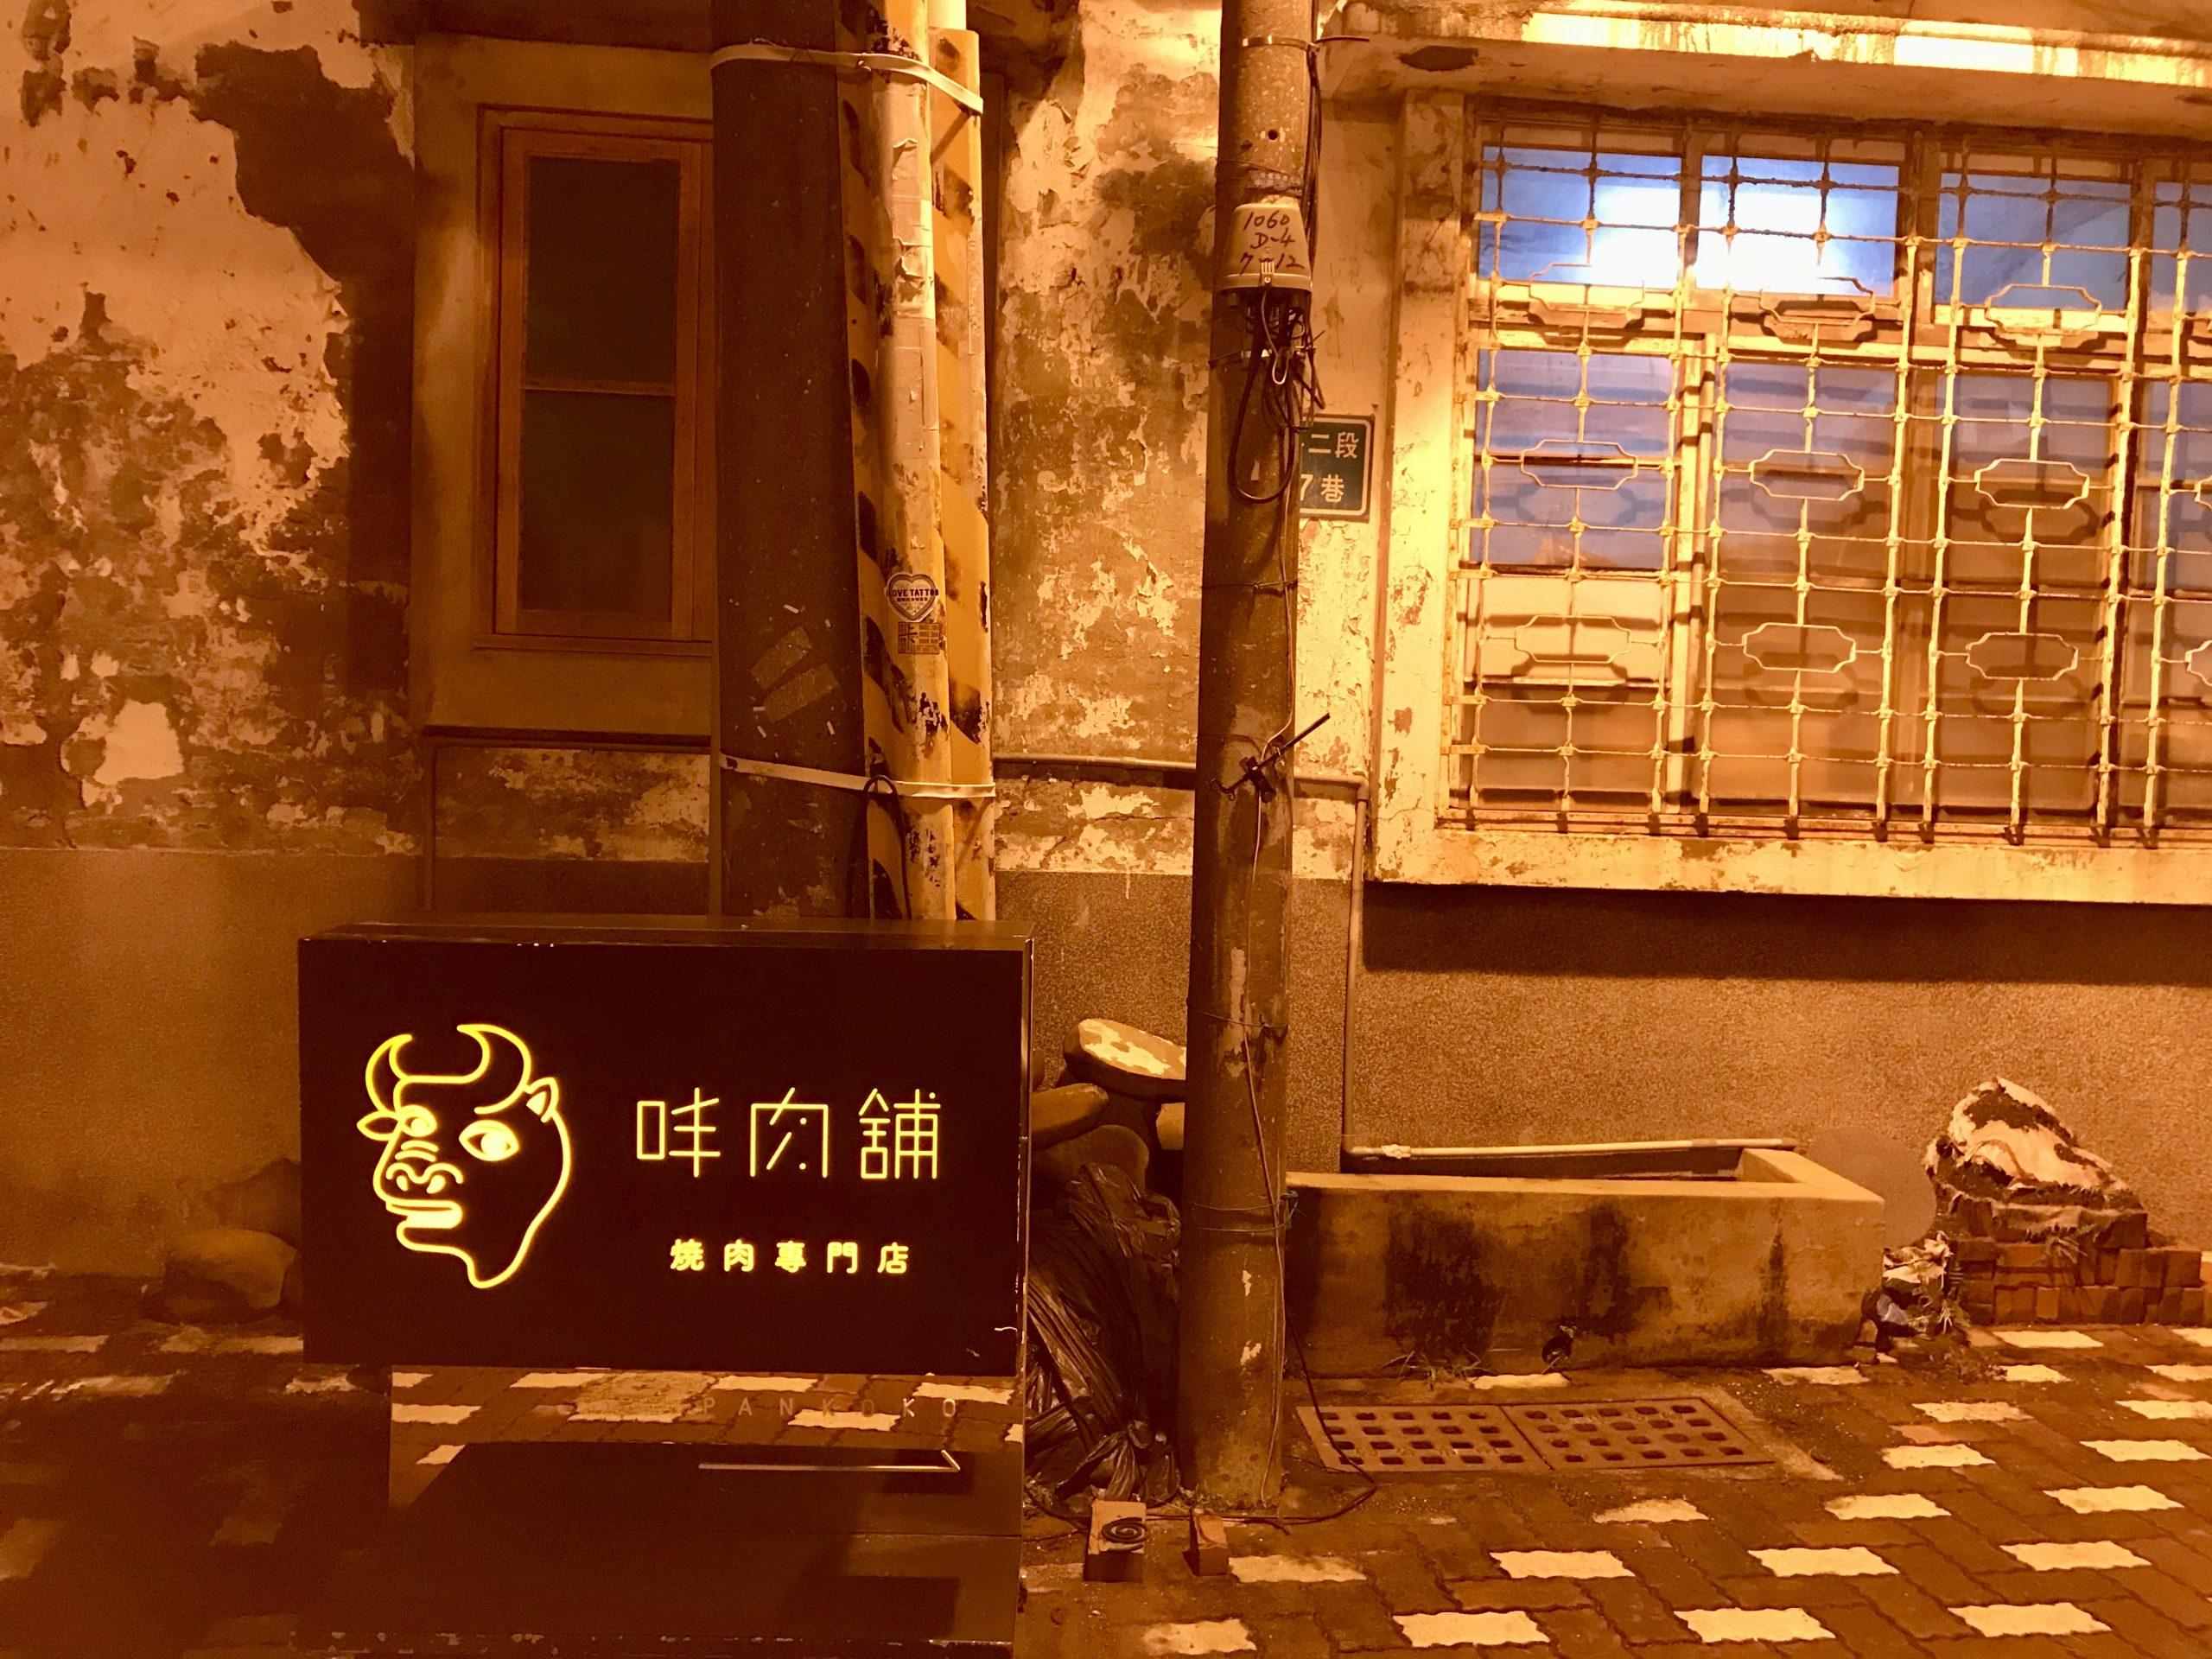 㕩肉舖 Pankoko燒肉專門店 |台南飛驒牛燒肉推薦,專人燒肉服務免動手